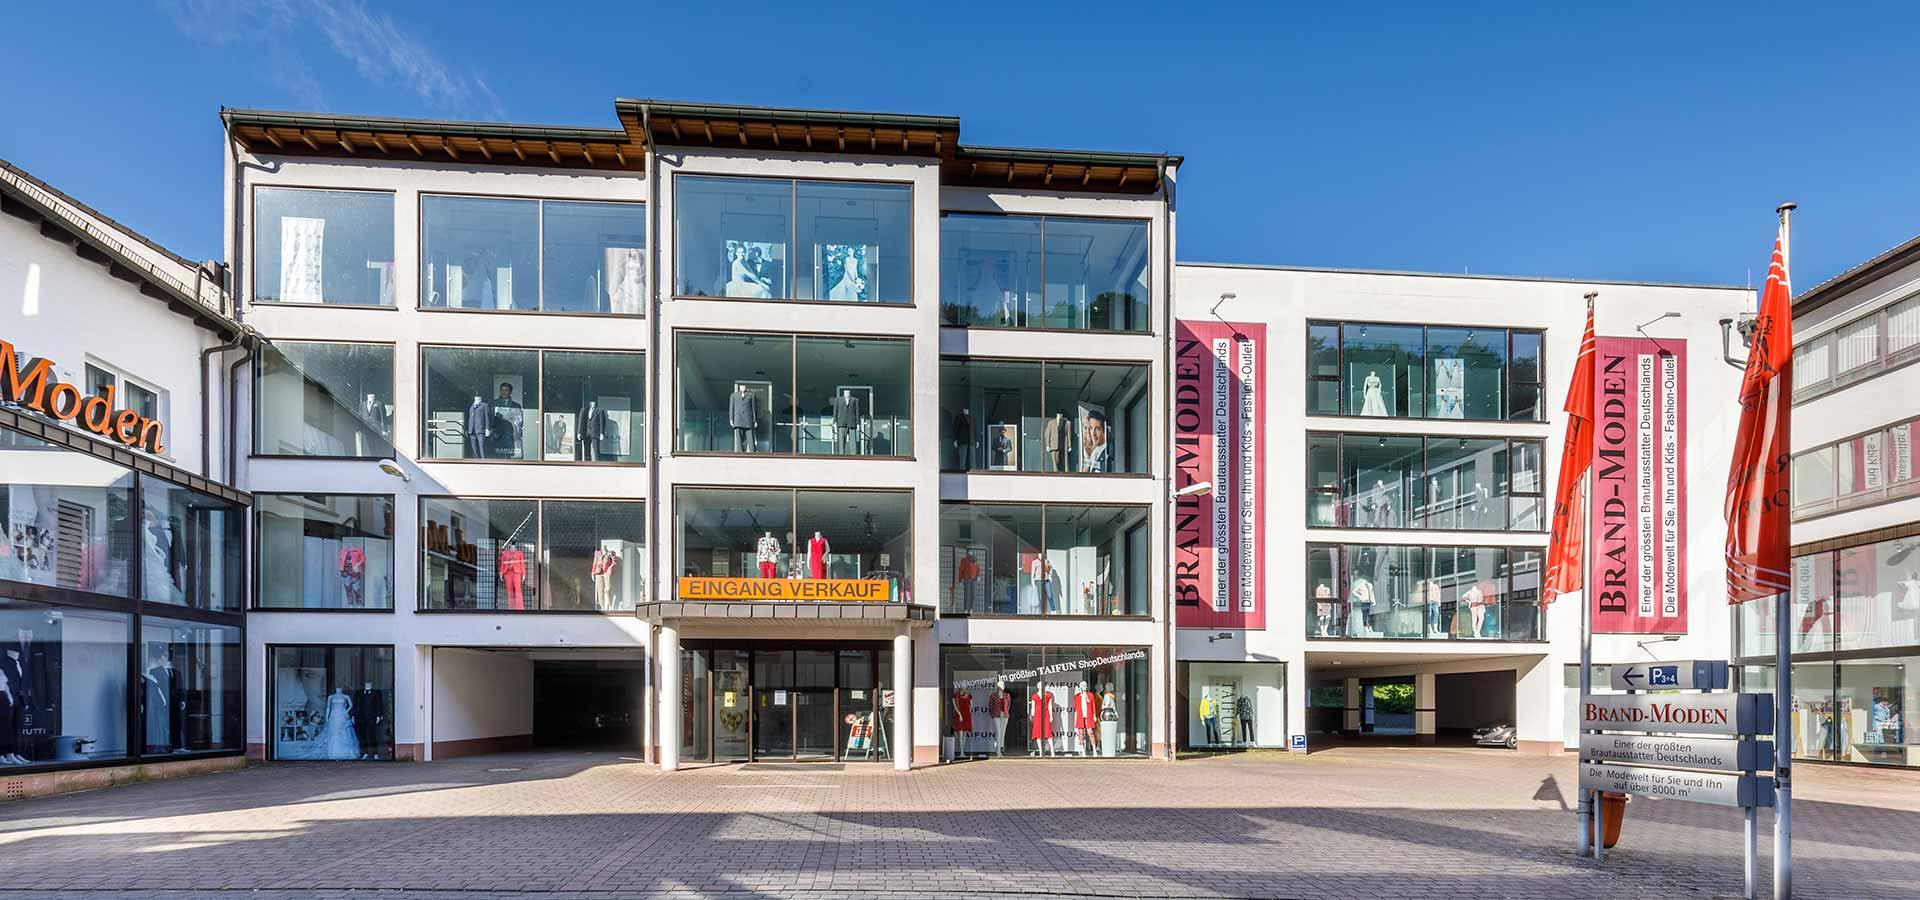 Fassade Modehaus Brand-Moden in Leidersbach bei Frankfurt und Würzburg